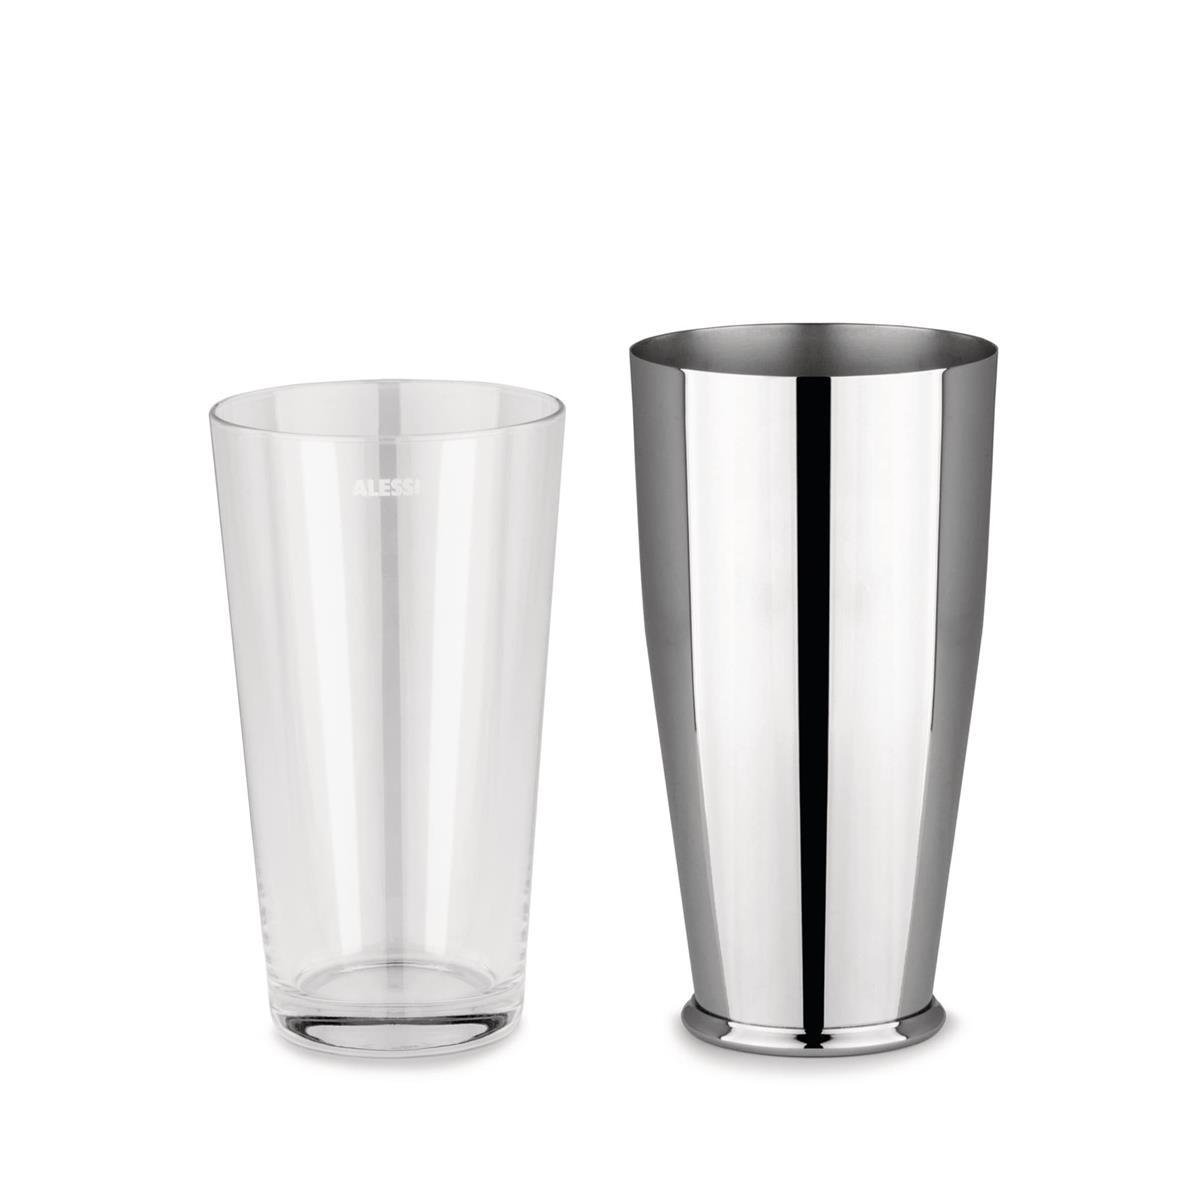 Alessi-Tonale caraffa in vetro cristallino con tappo in silicone